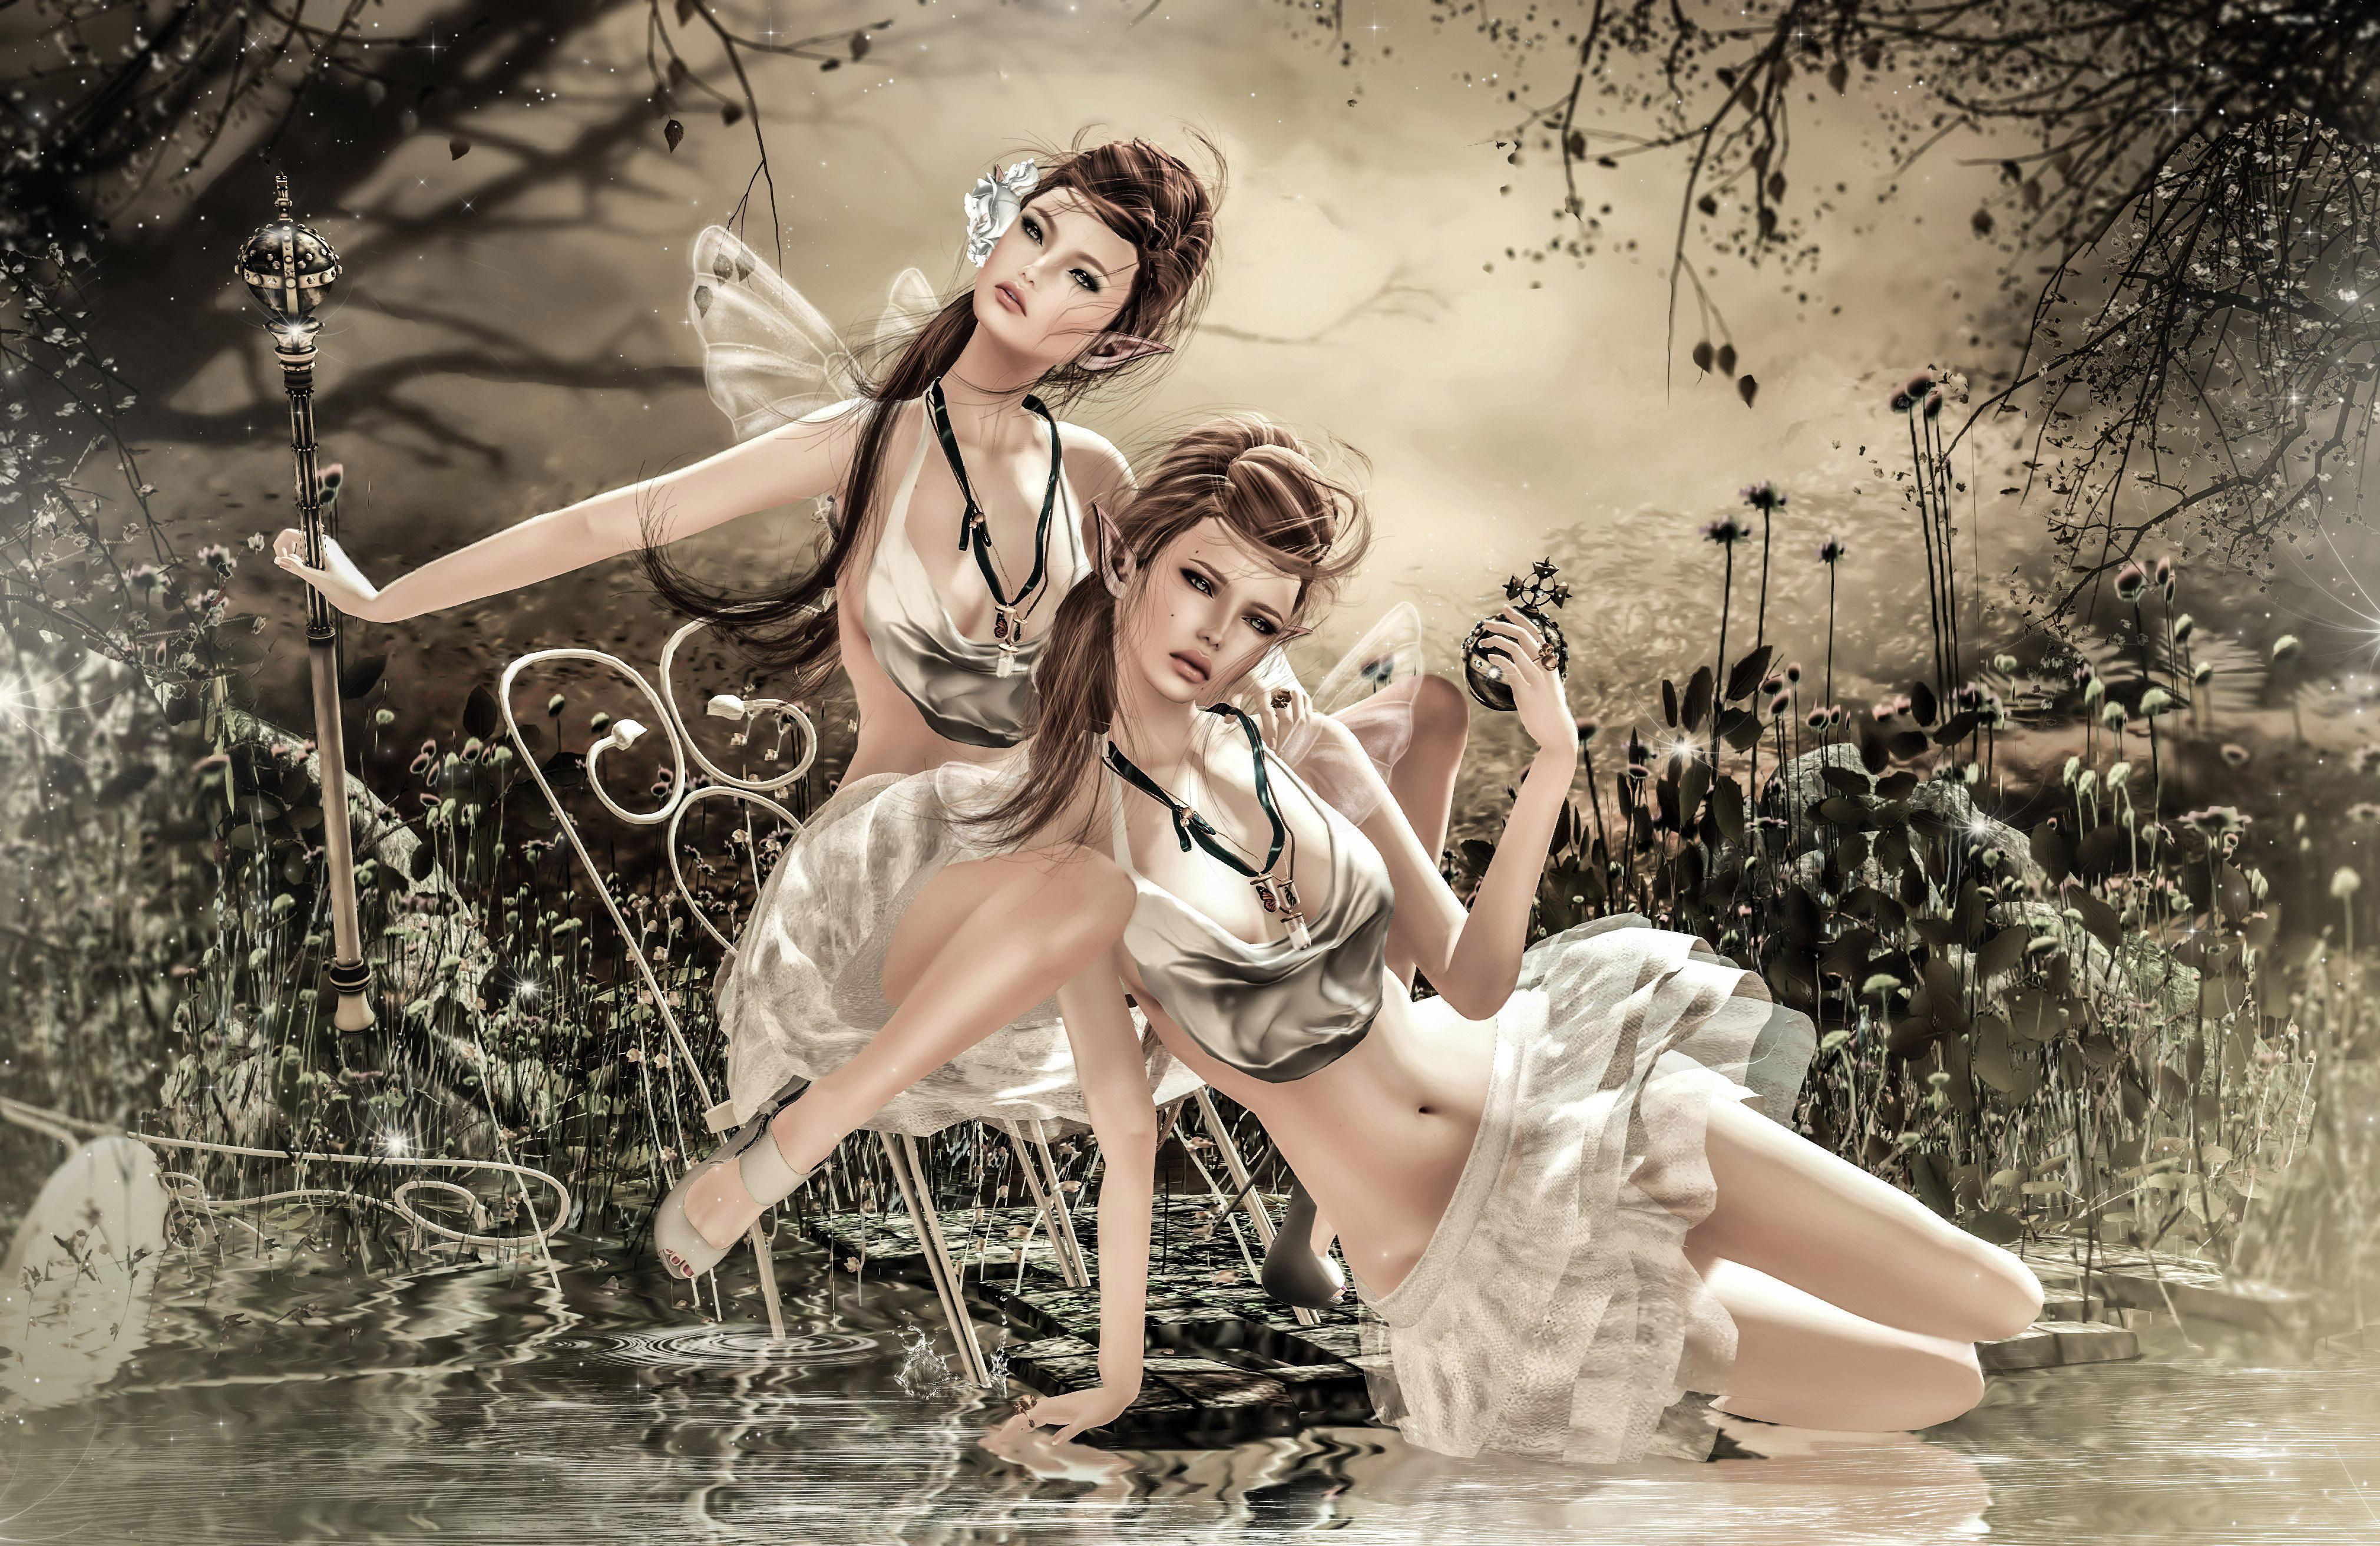 обои фантастическая девушка, девушки, фэнтези, креатив картинки фото